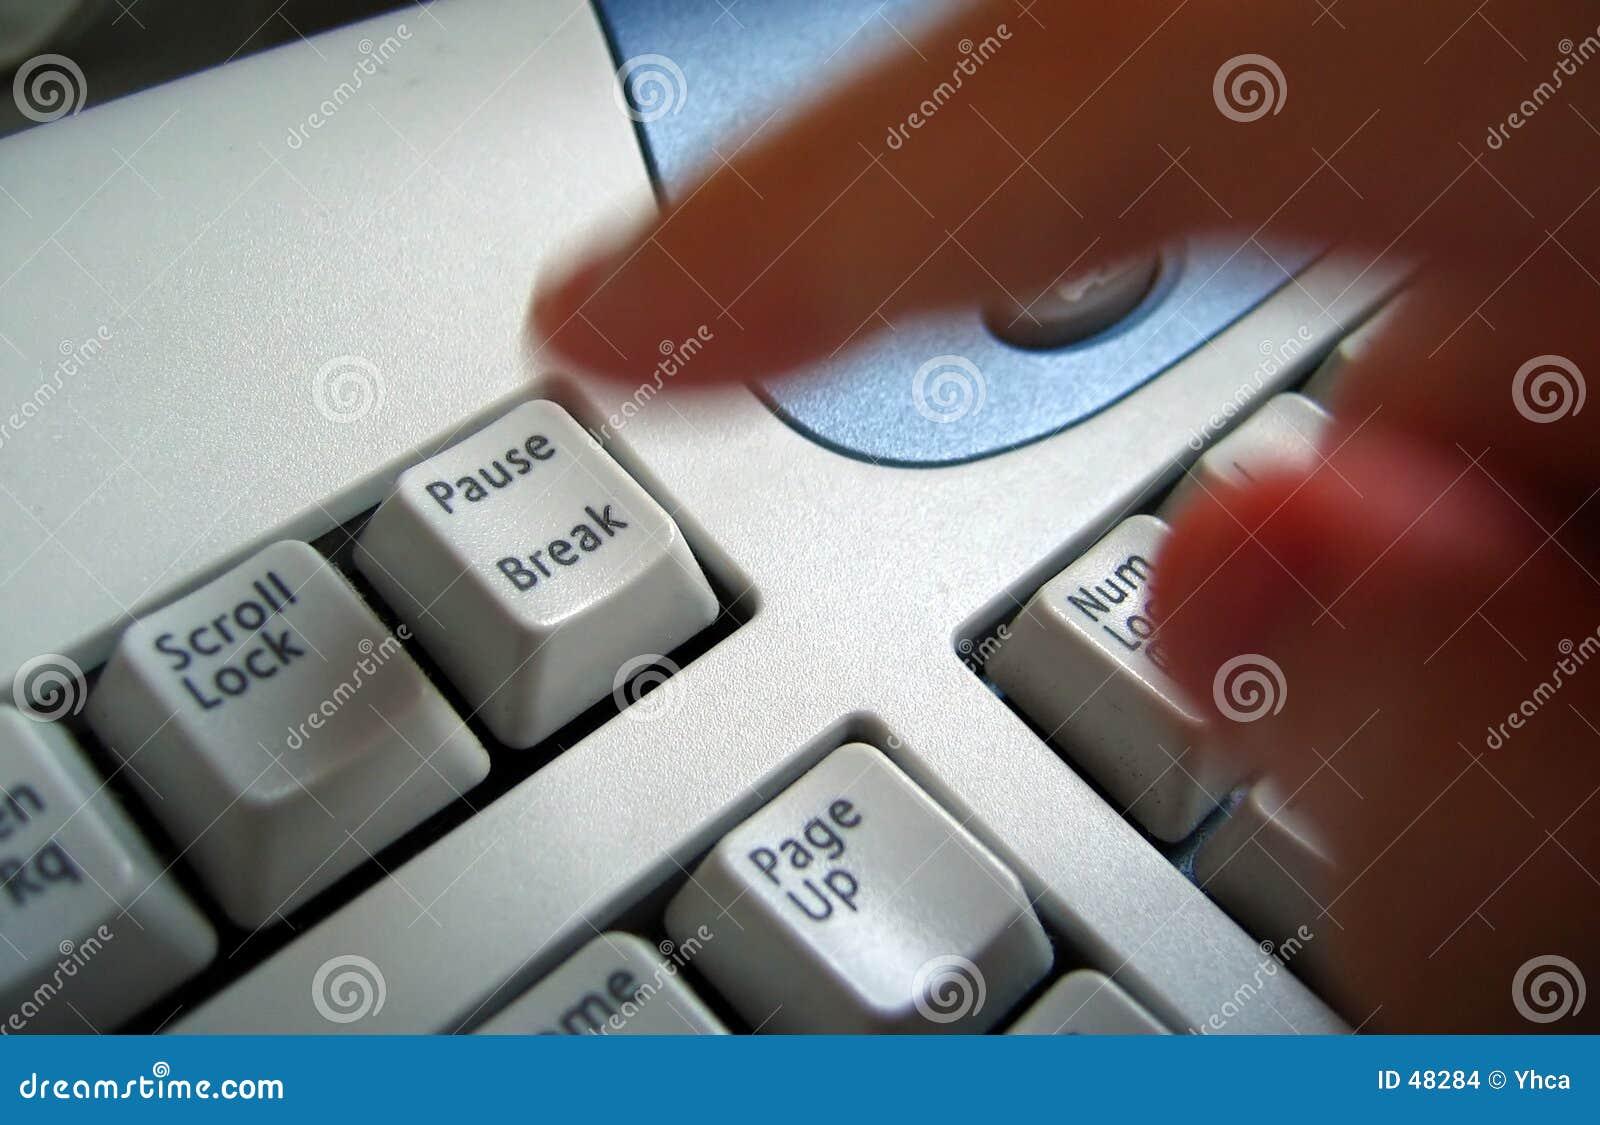 中断手指关键按